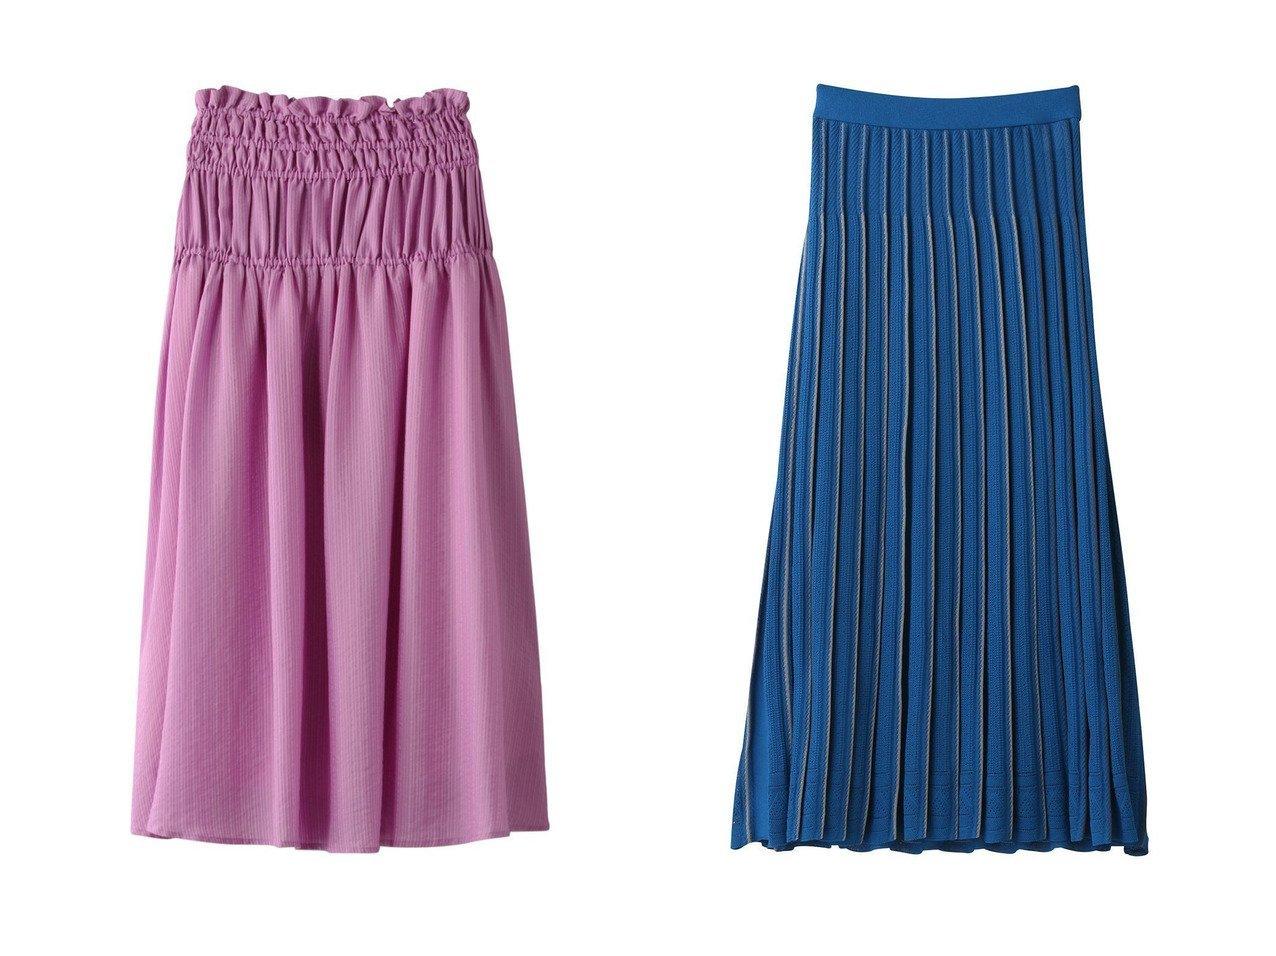 【Ezick/エジック】のストライプギャザースカート&【WRAPINKNOT/ラッピンノット】のニットプリーツフレアスカート 【スカート】おすすめ!人気トレンド・レディースファッションの通販  おすすめで人気の流行・トレンド、ファッションの通販商品 メンズファッション・キッズファッション・インテリア・家具・レディースファッション・服の通販 founy(ファニー) https://founy.com/ ファッション Fashion レディースファッション WOMEN スカート Skirt Aライン/フレアスカート Flared A-Line Skirts ロングスカート Long Skirt S/S・春夏 SS・Spring/Summer ストライプ ロング 春 Spring ギャザー シャーリング スニーカー フェミニン 今季  ID:crp329100000030904